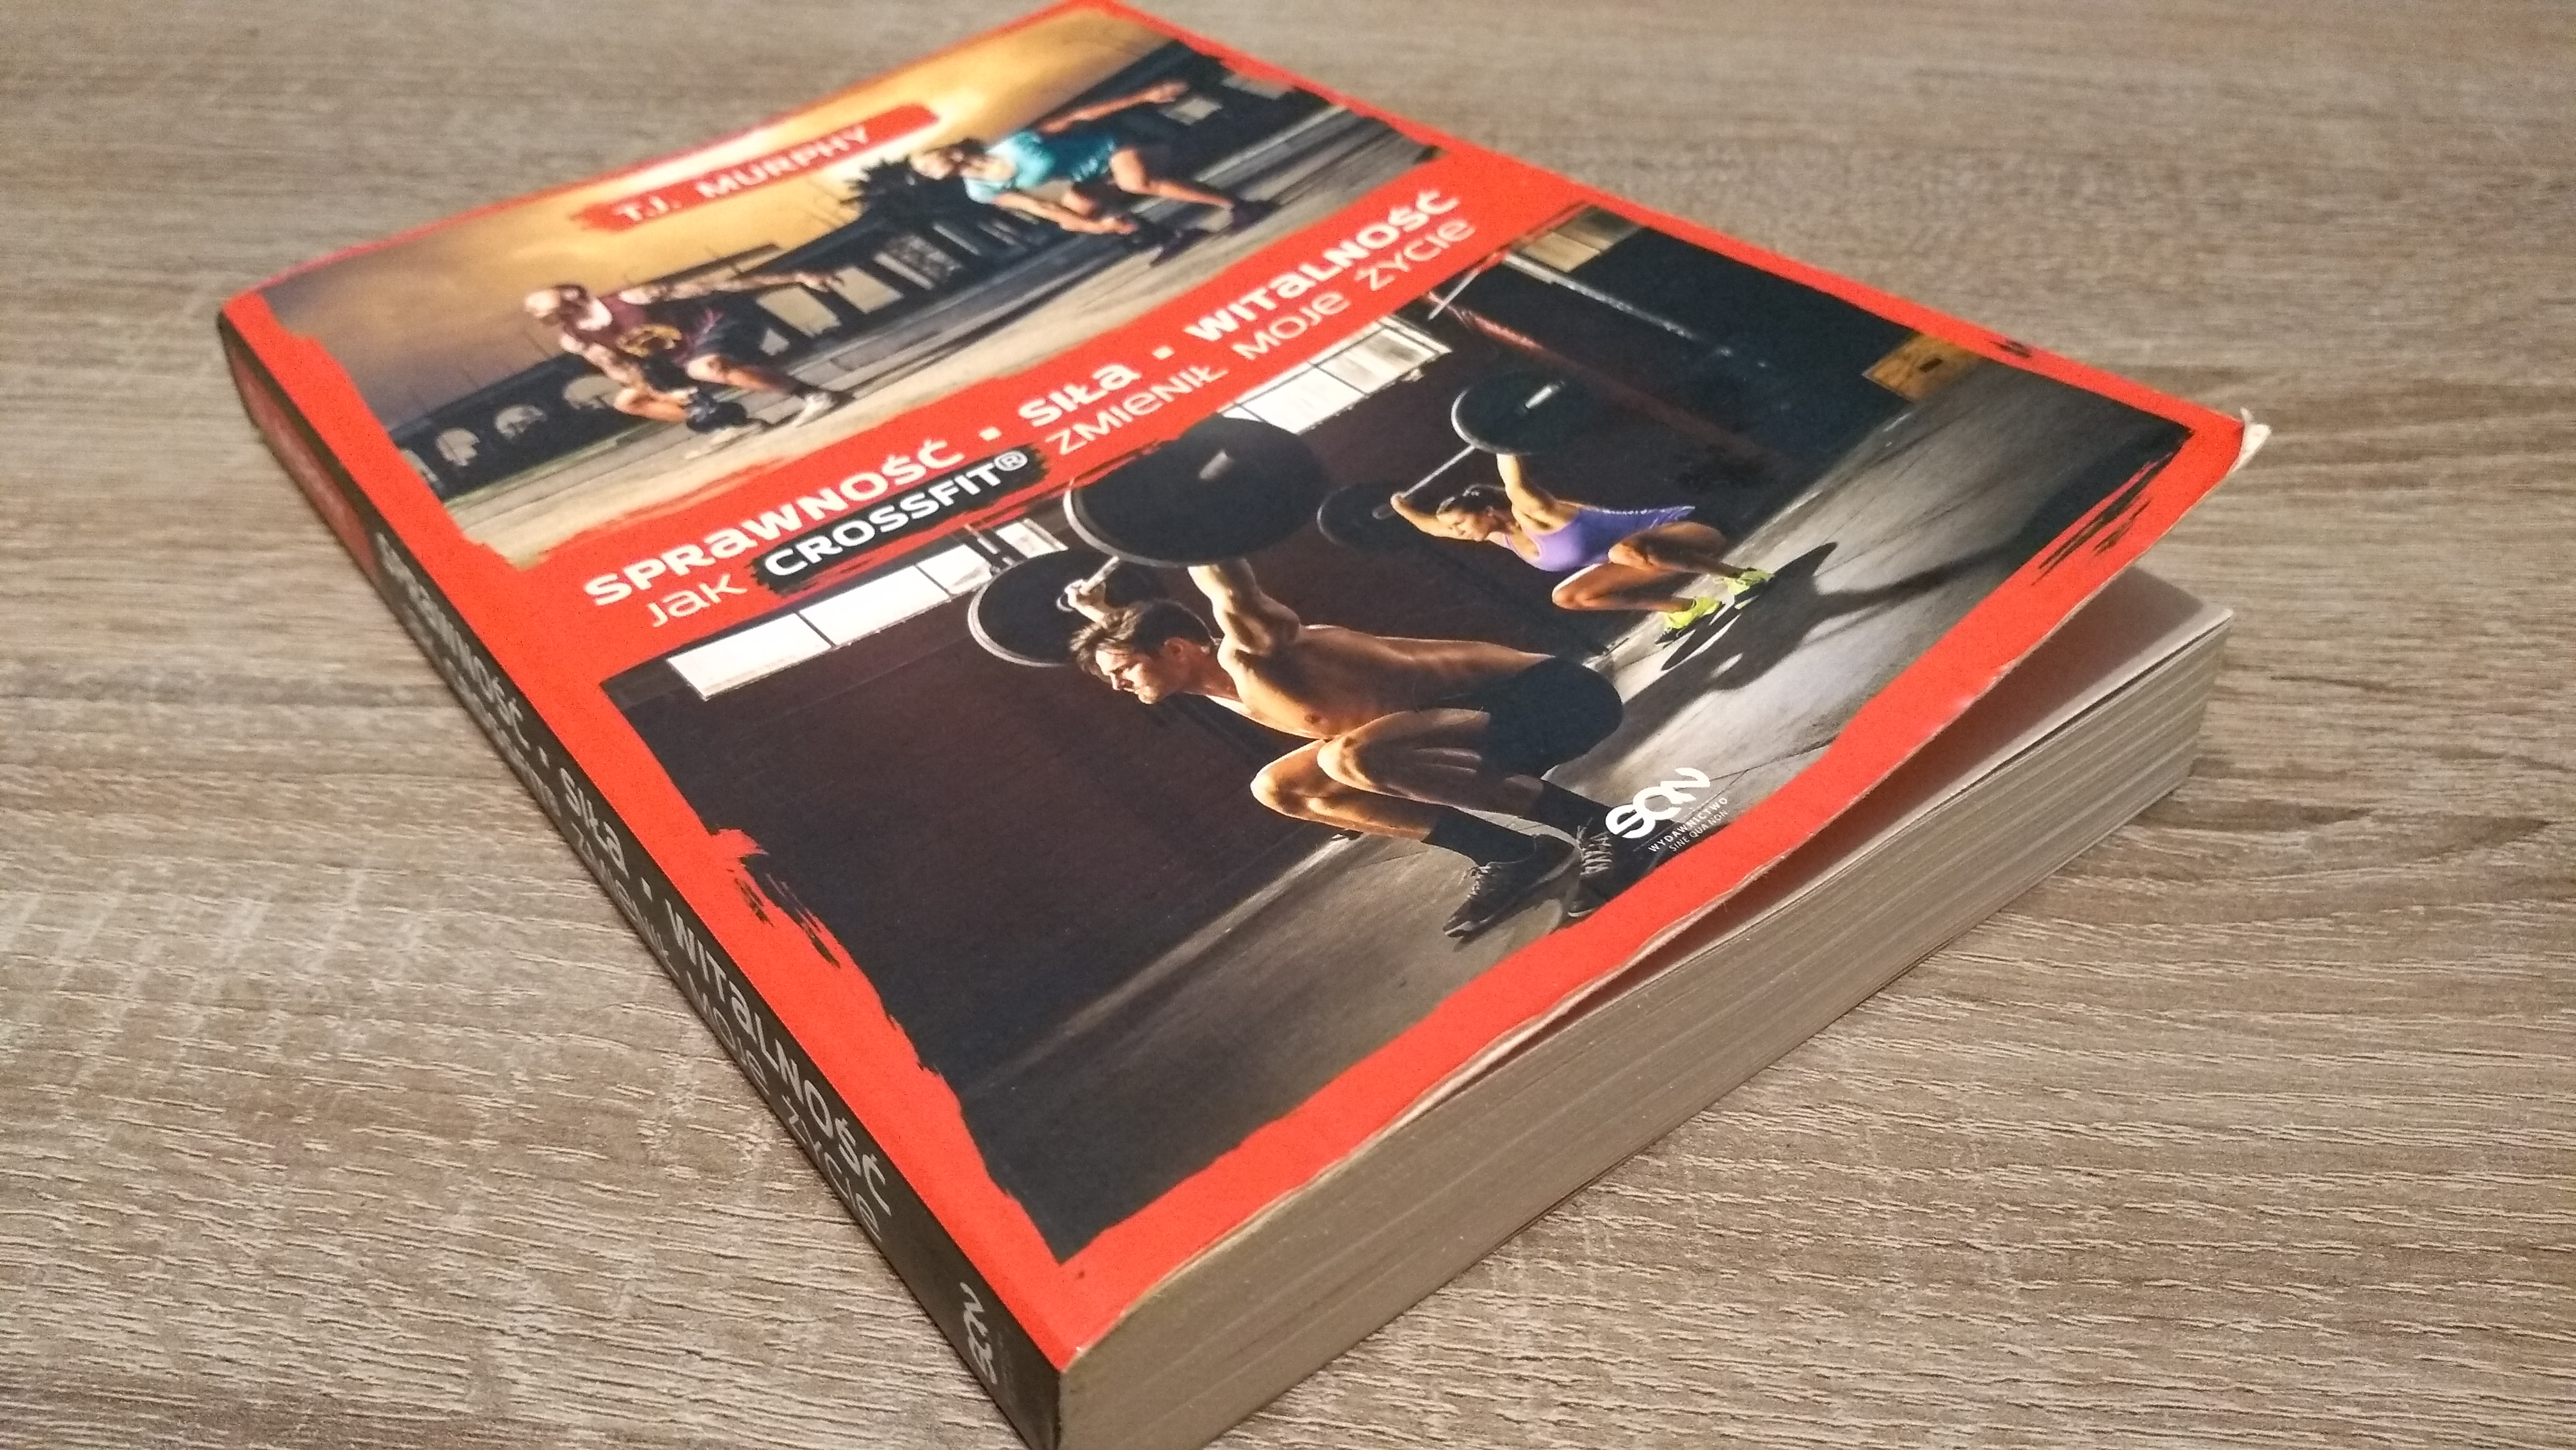 """""""Jak CrossFit zmienił moje życie"""". Czego się dowiesz z książki o crossficie?"""